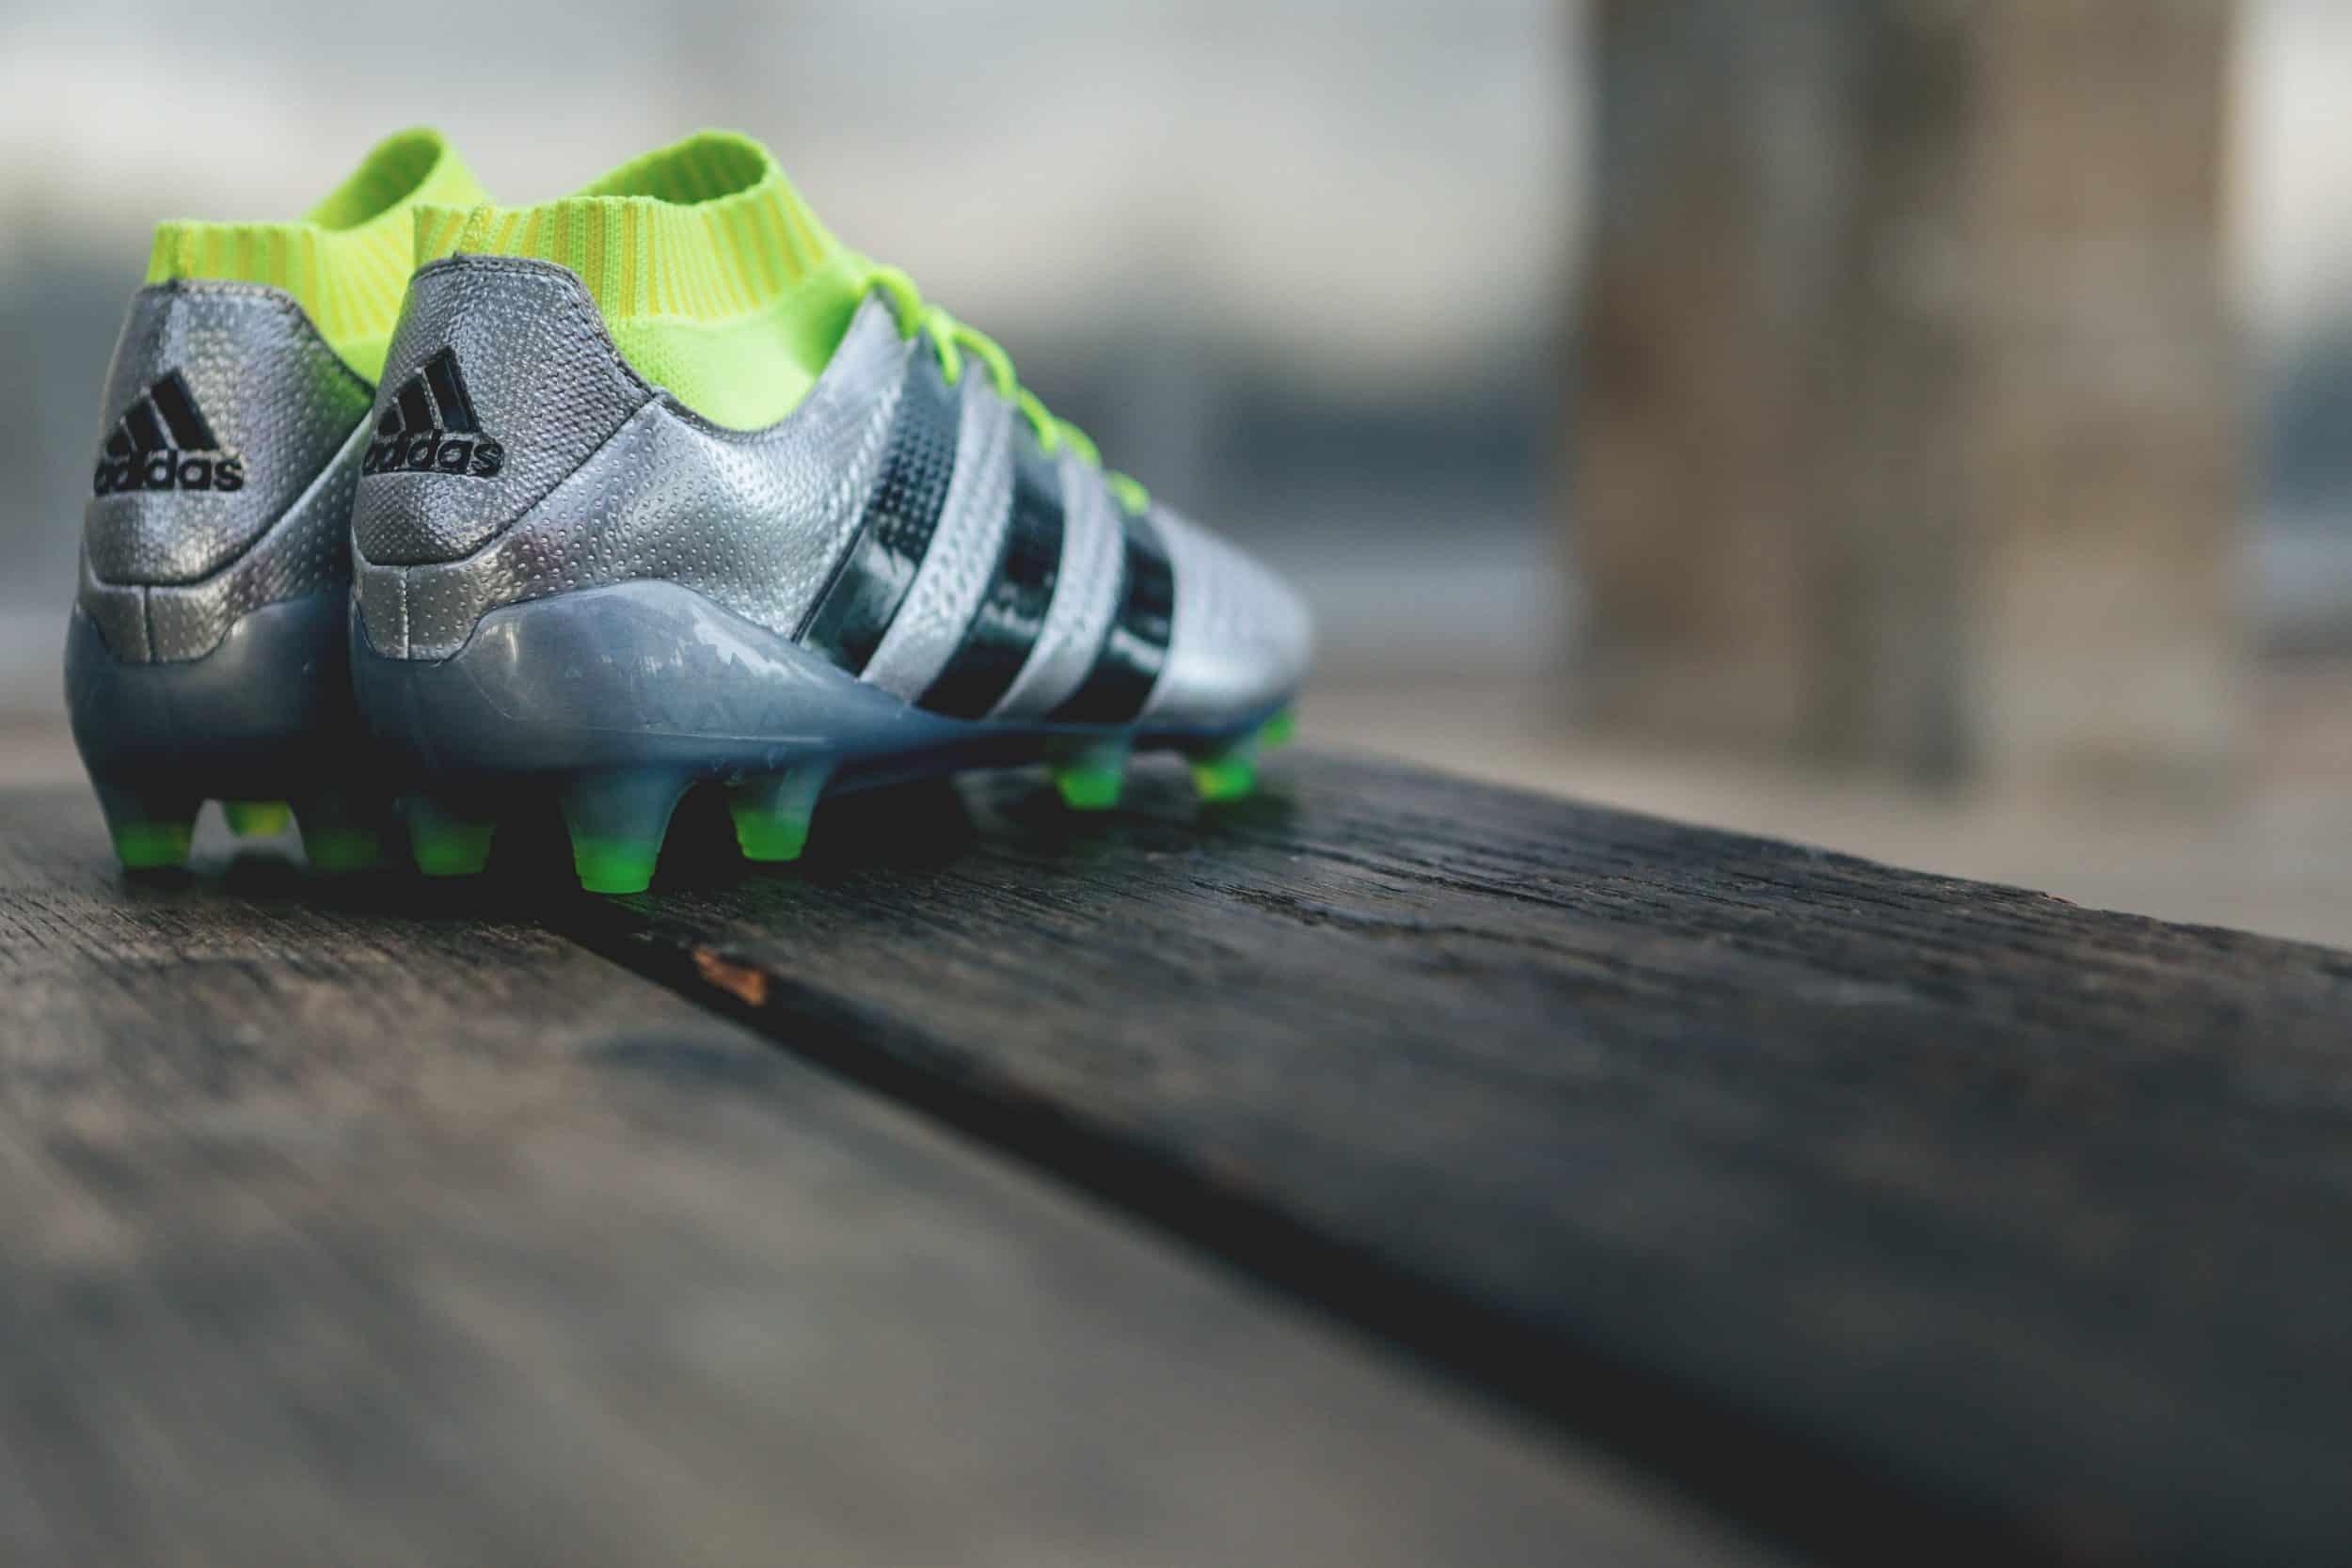 Chaussures de soccer int rieur nike asics gel sensei 3 for Chaussure de soccer interieur